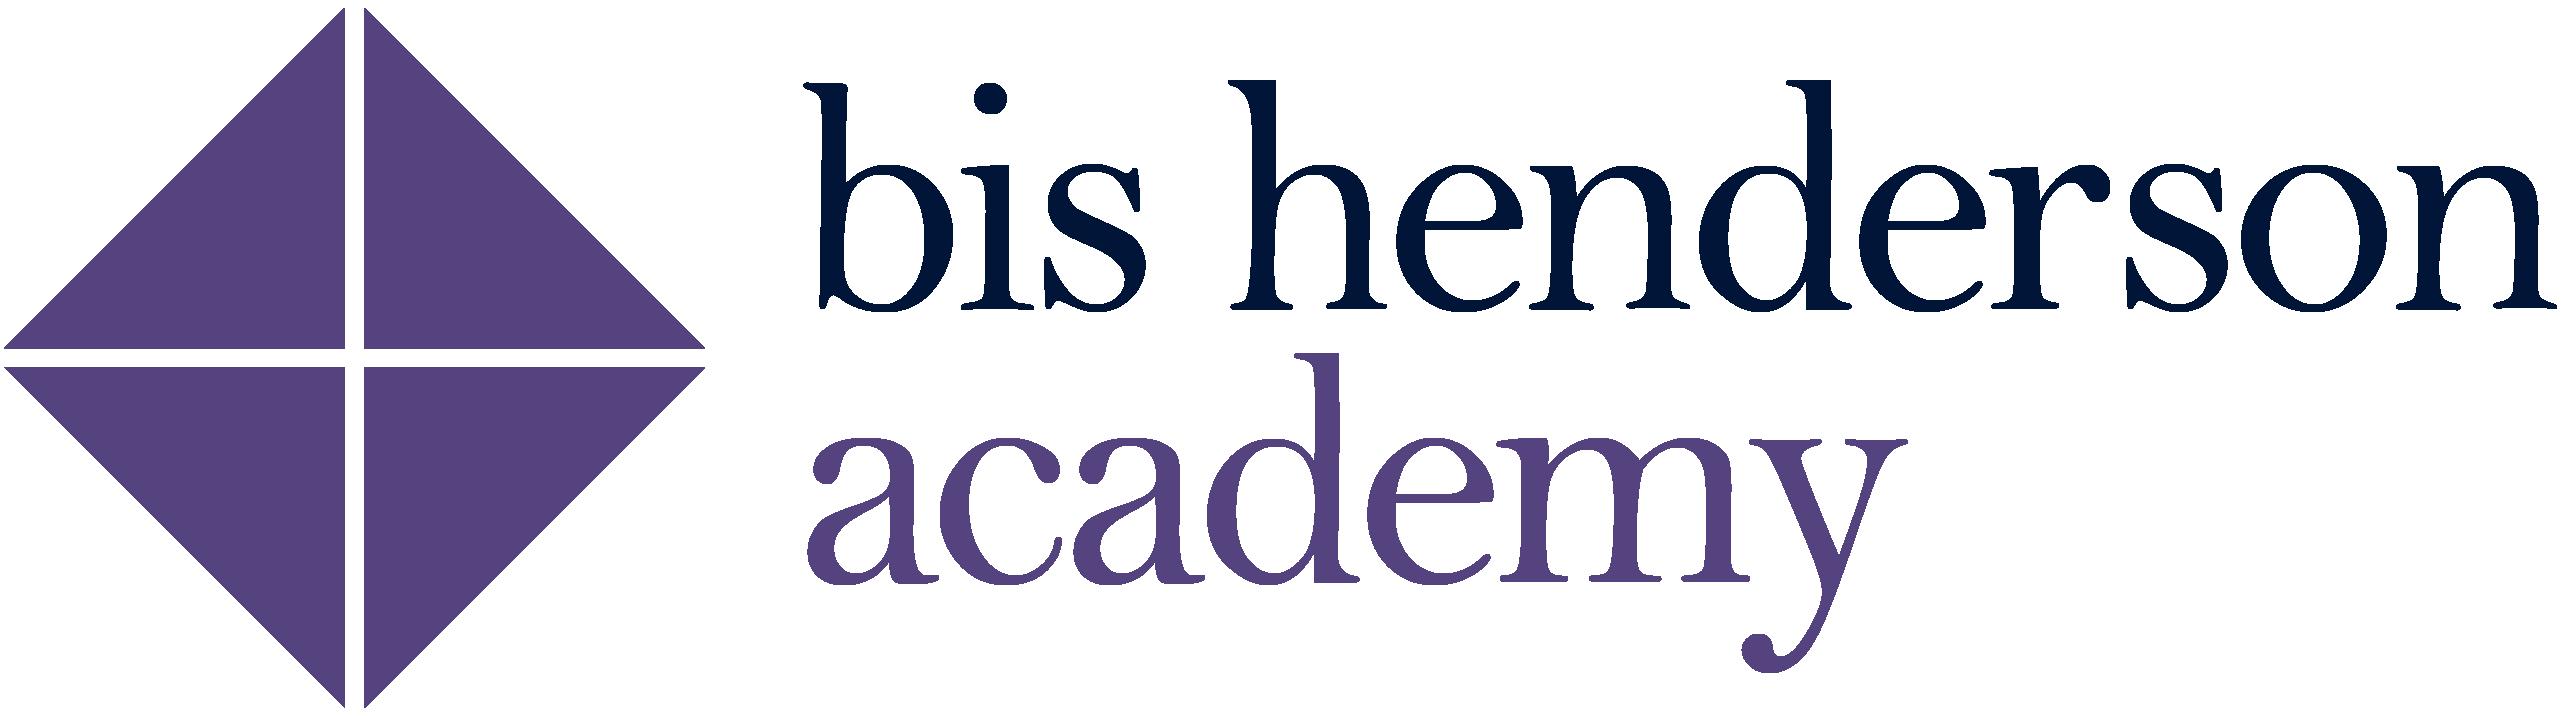 Bis Henderson Academy